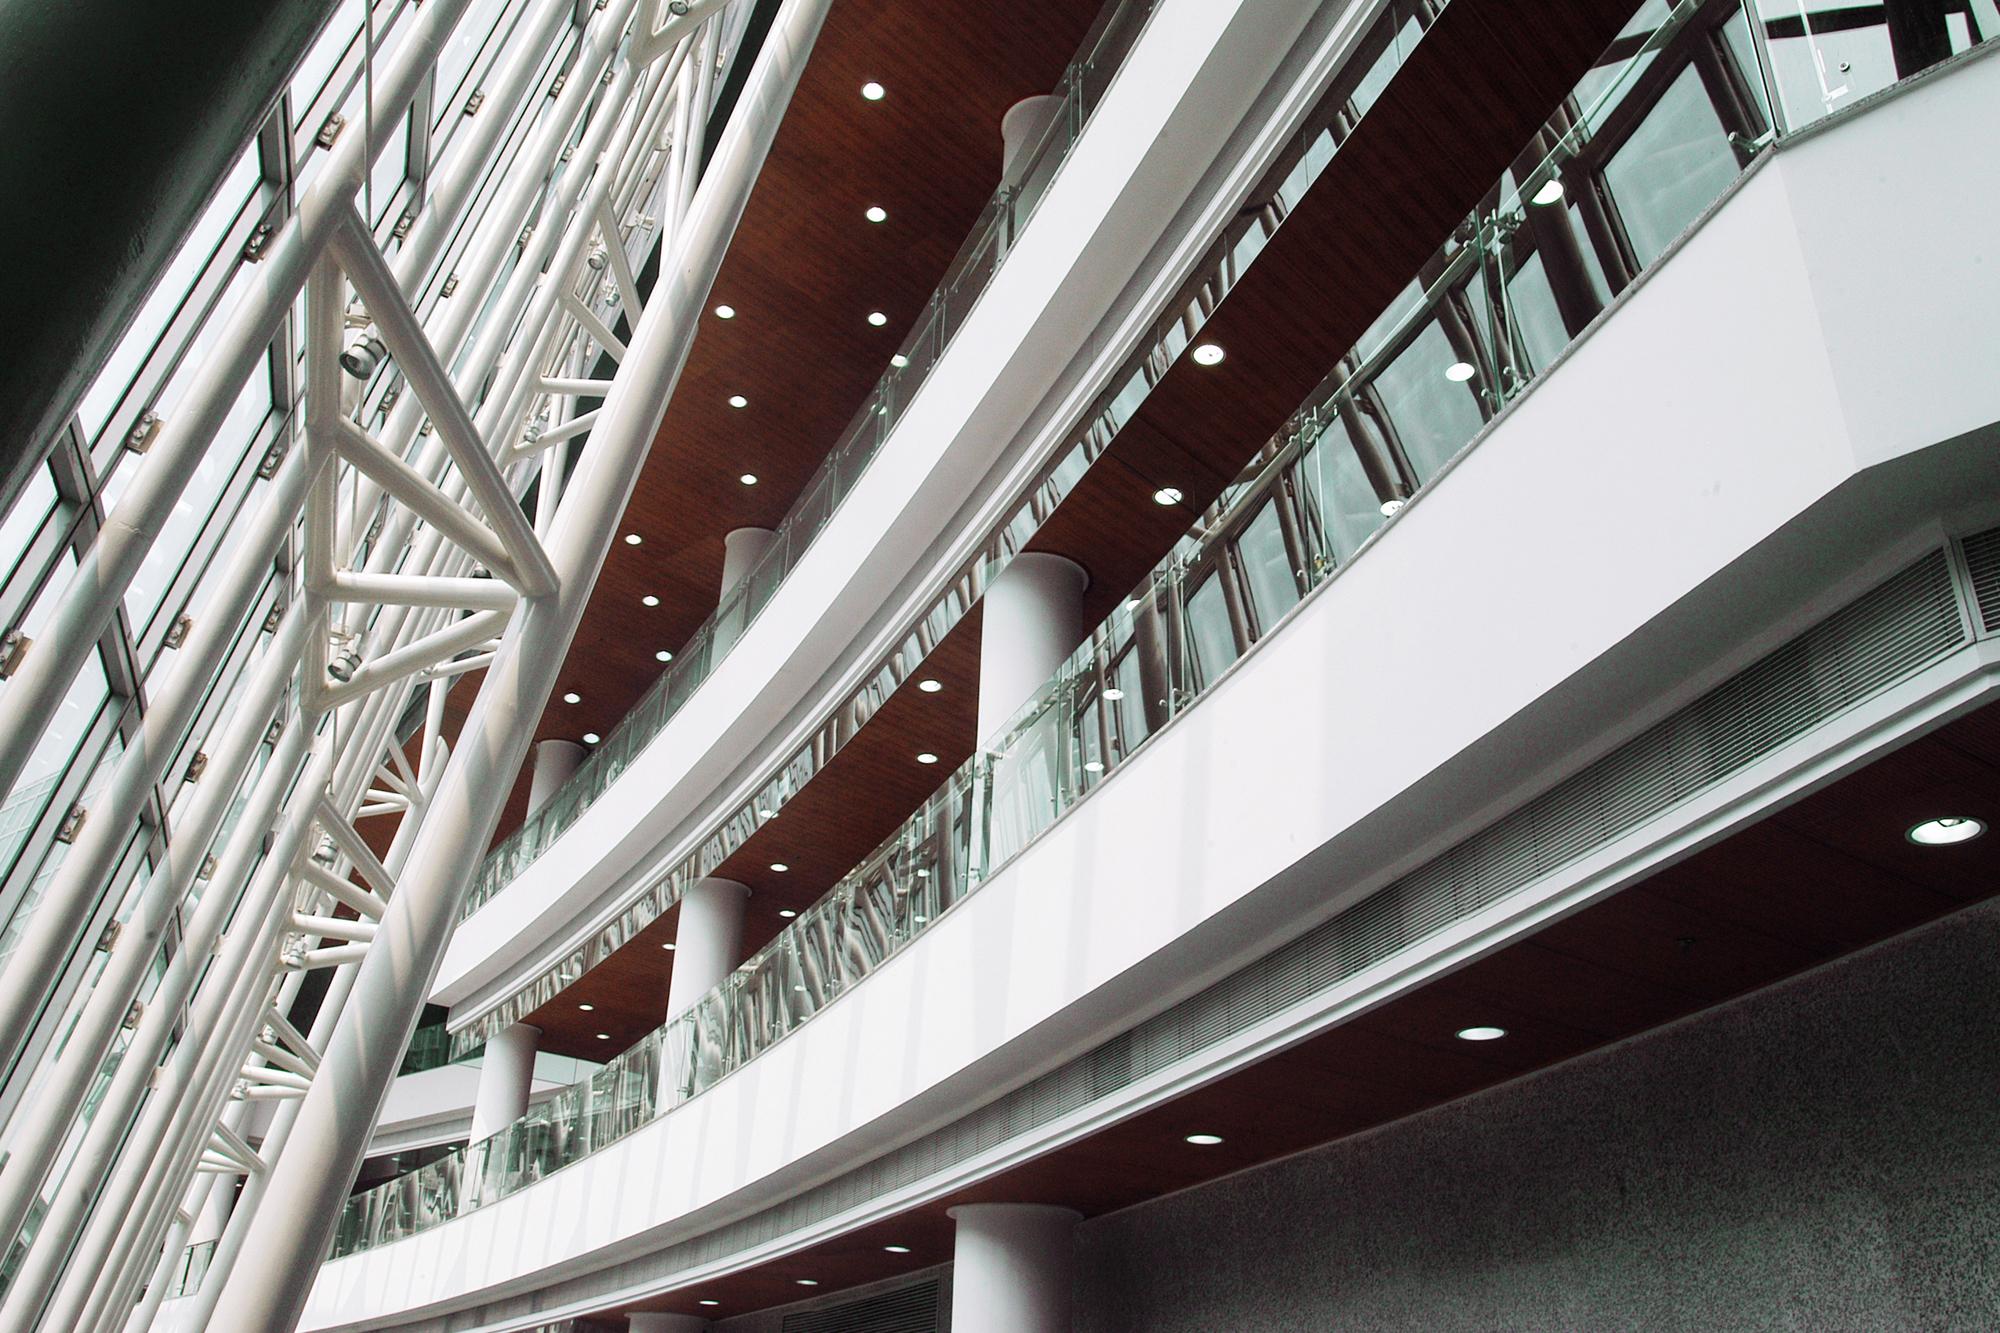 Chongqing Library_20030_Int Atrium Detail_MR - Copy.jpg